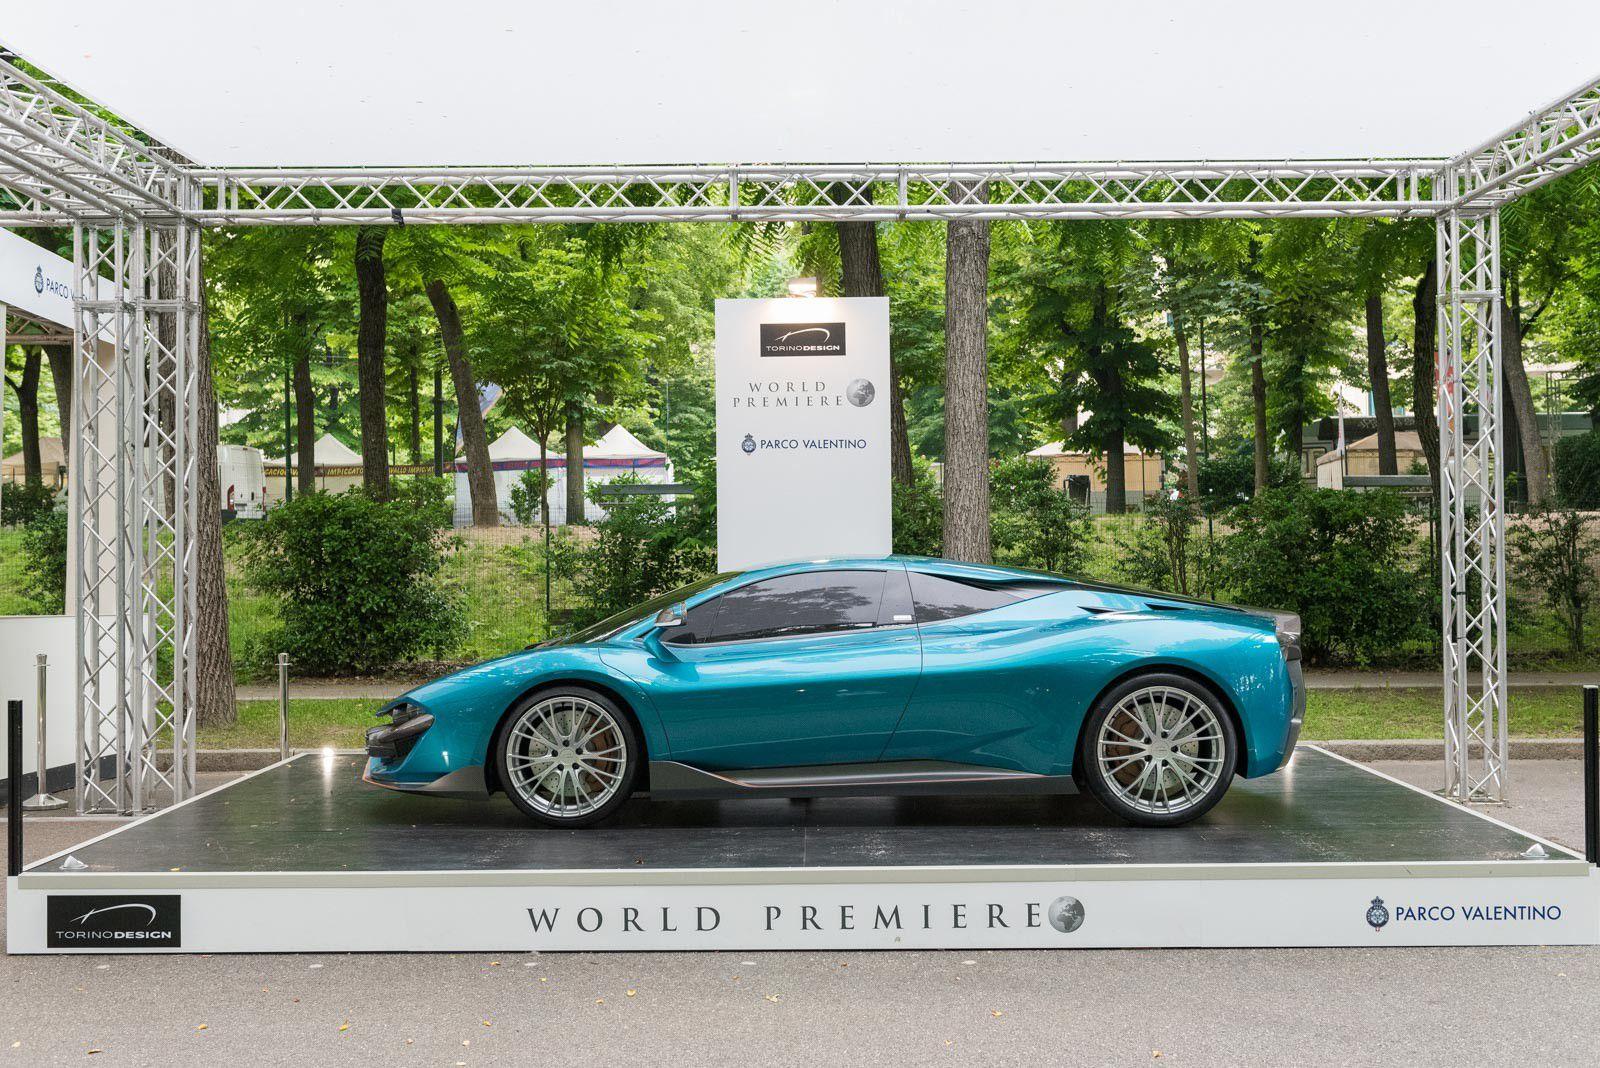 Auto Gran Torino >> Pedane Case Auto - Foto Evento